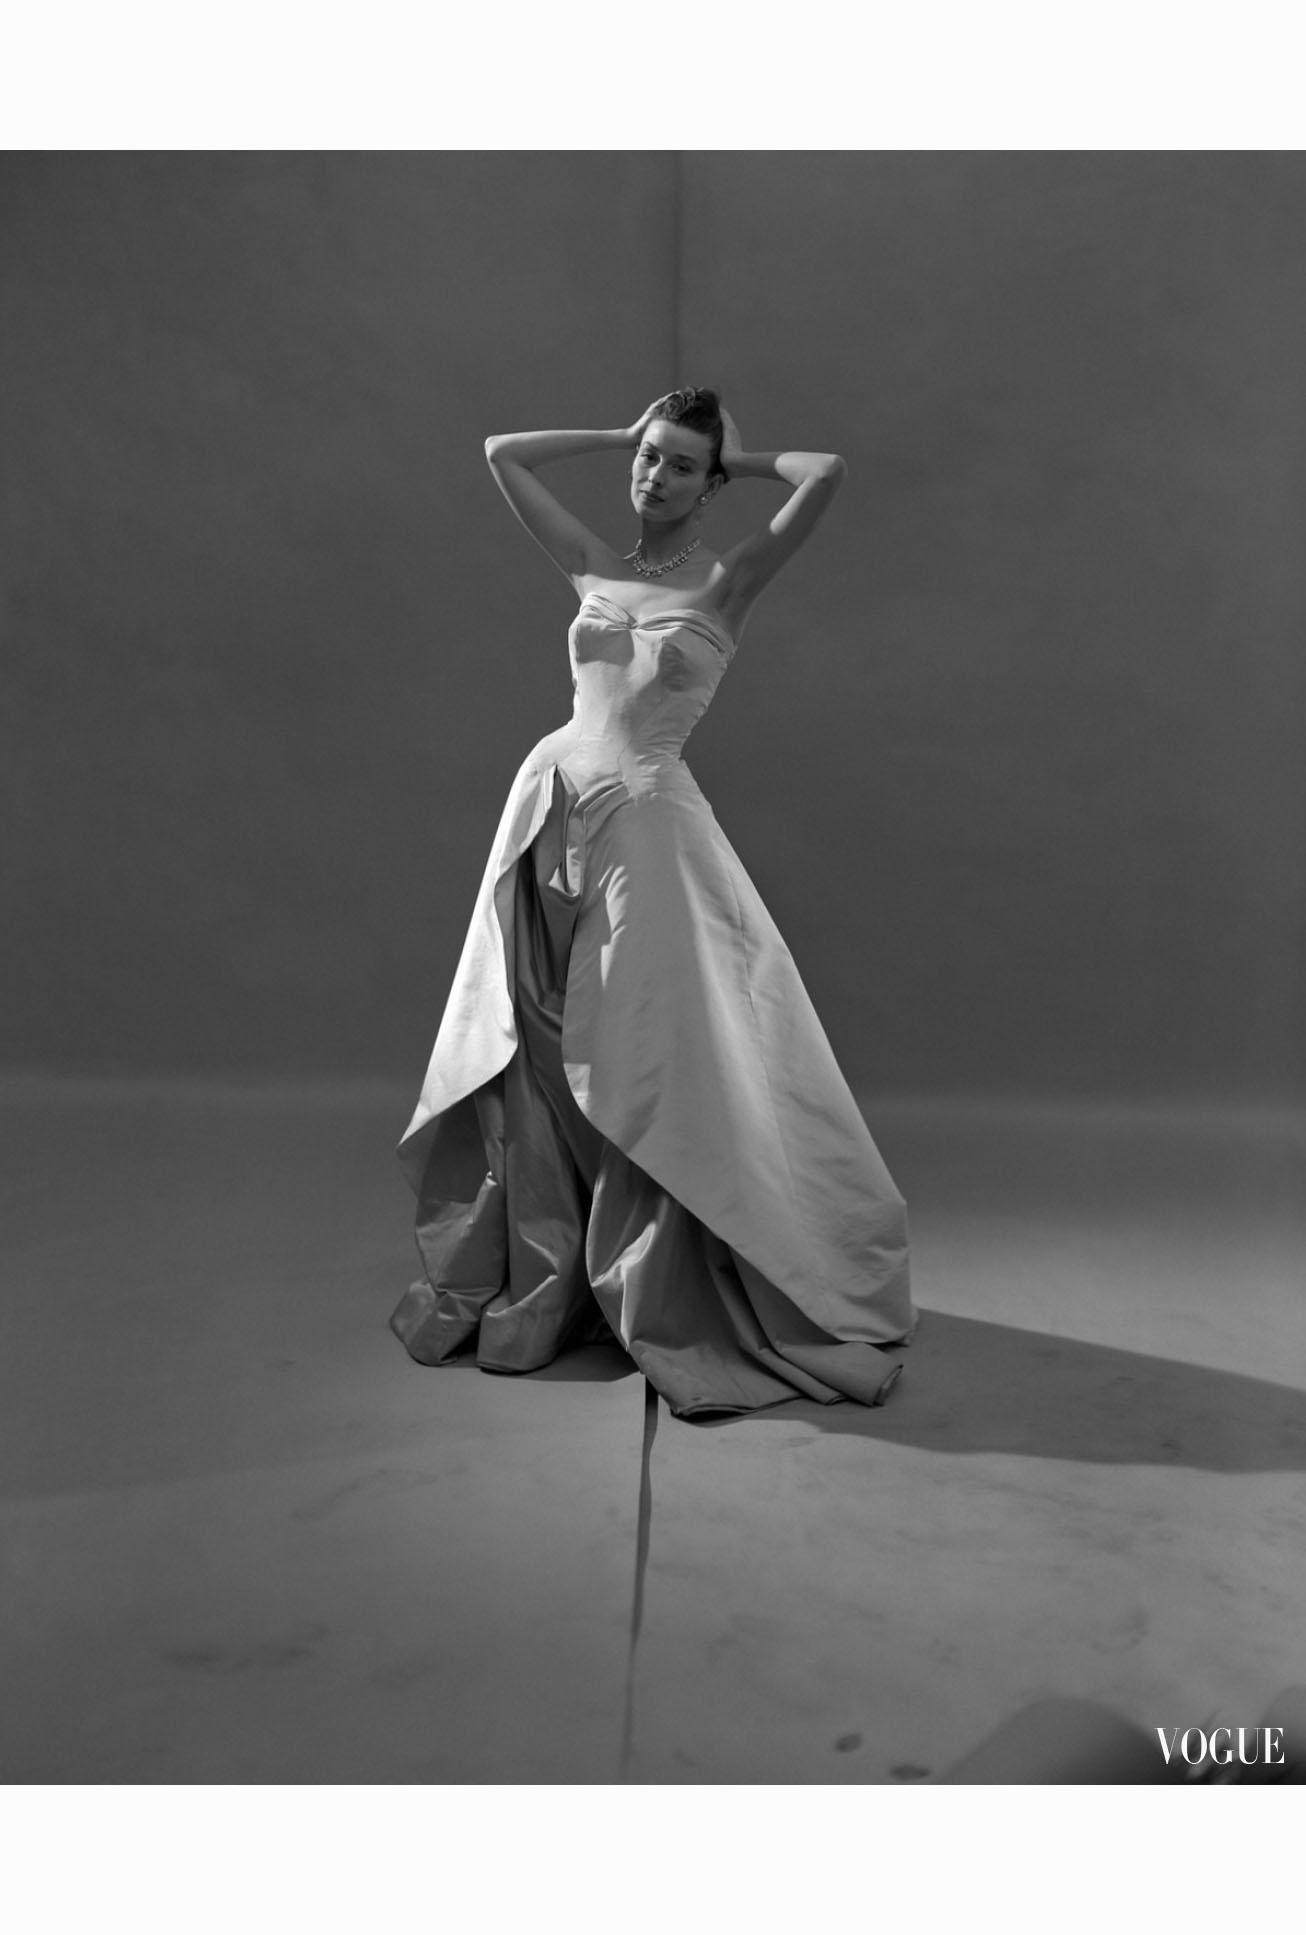 evening-dress-vogue-1948-c2a9-cecil-beaton-1948.jpg